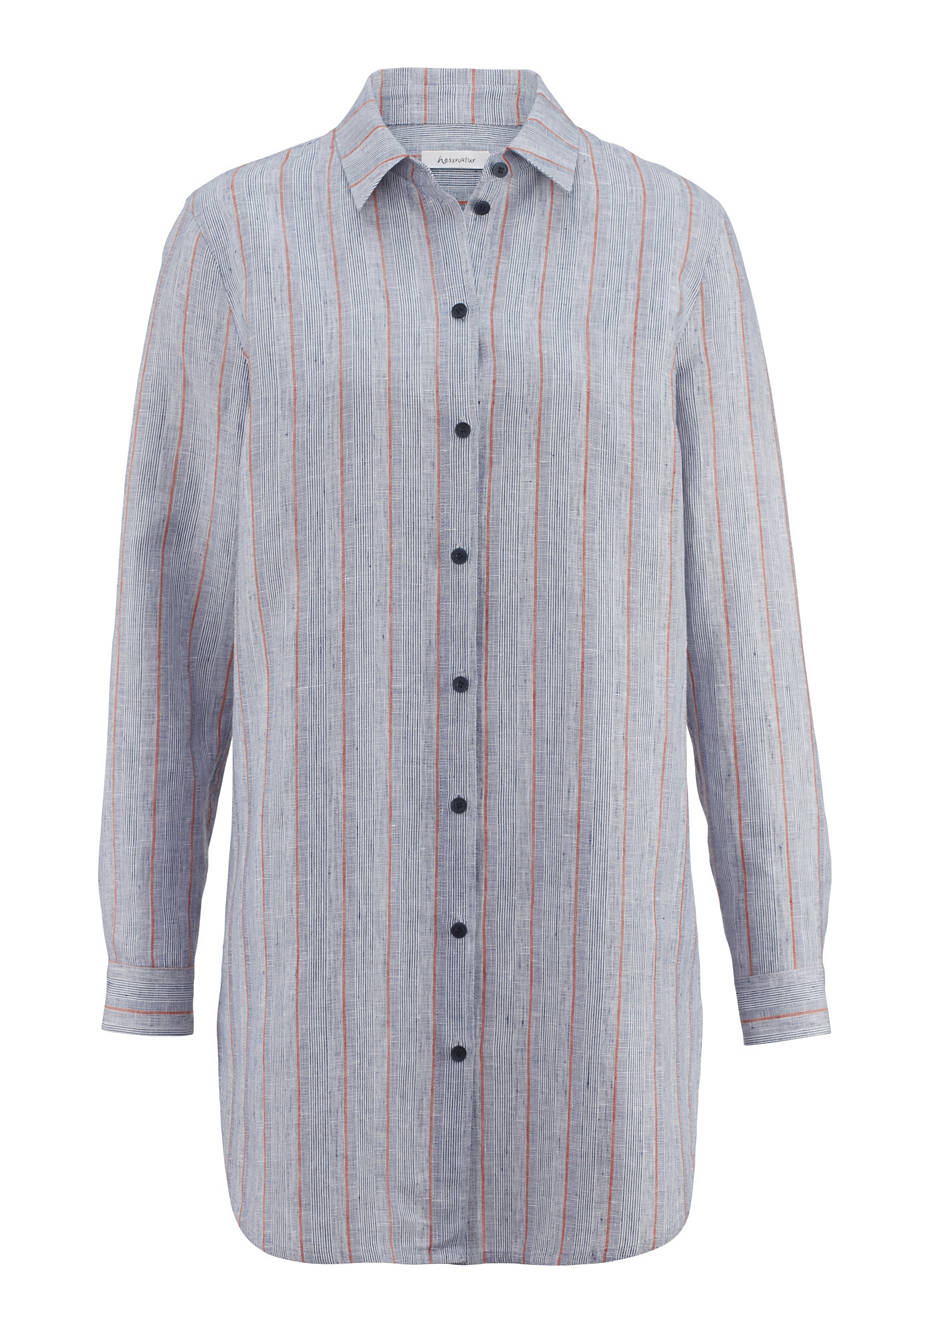 Bluse aus Leinen mit Bio-Baumwolle